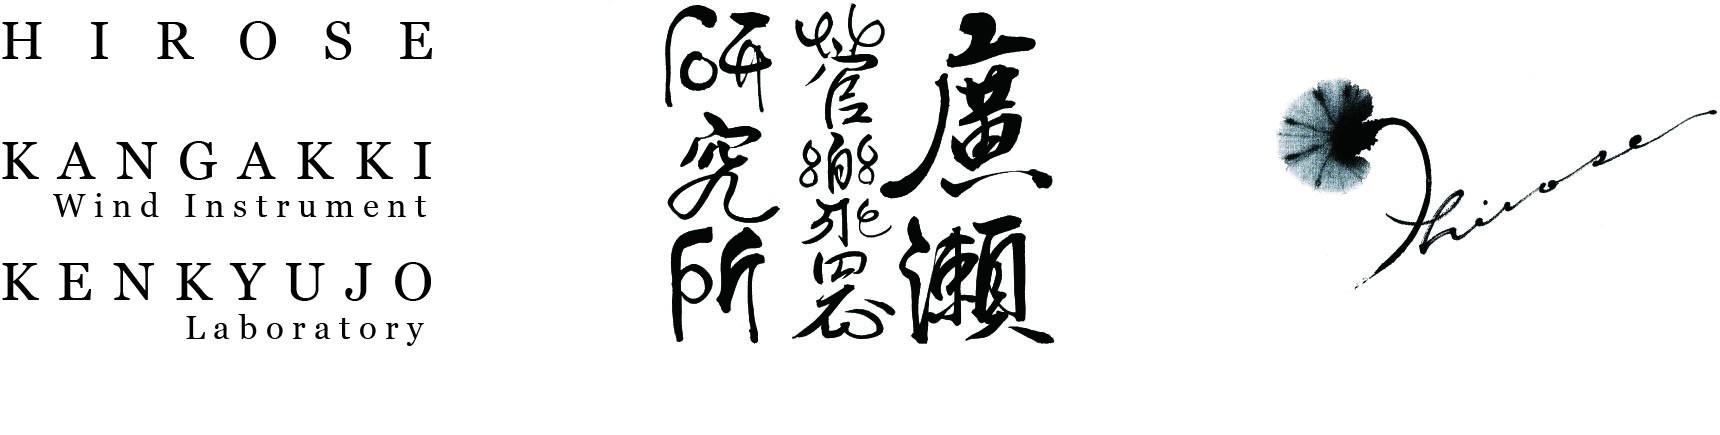 廣瀬管楽器研究所OnlineShop